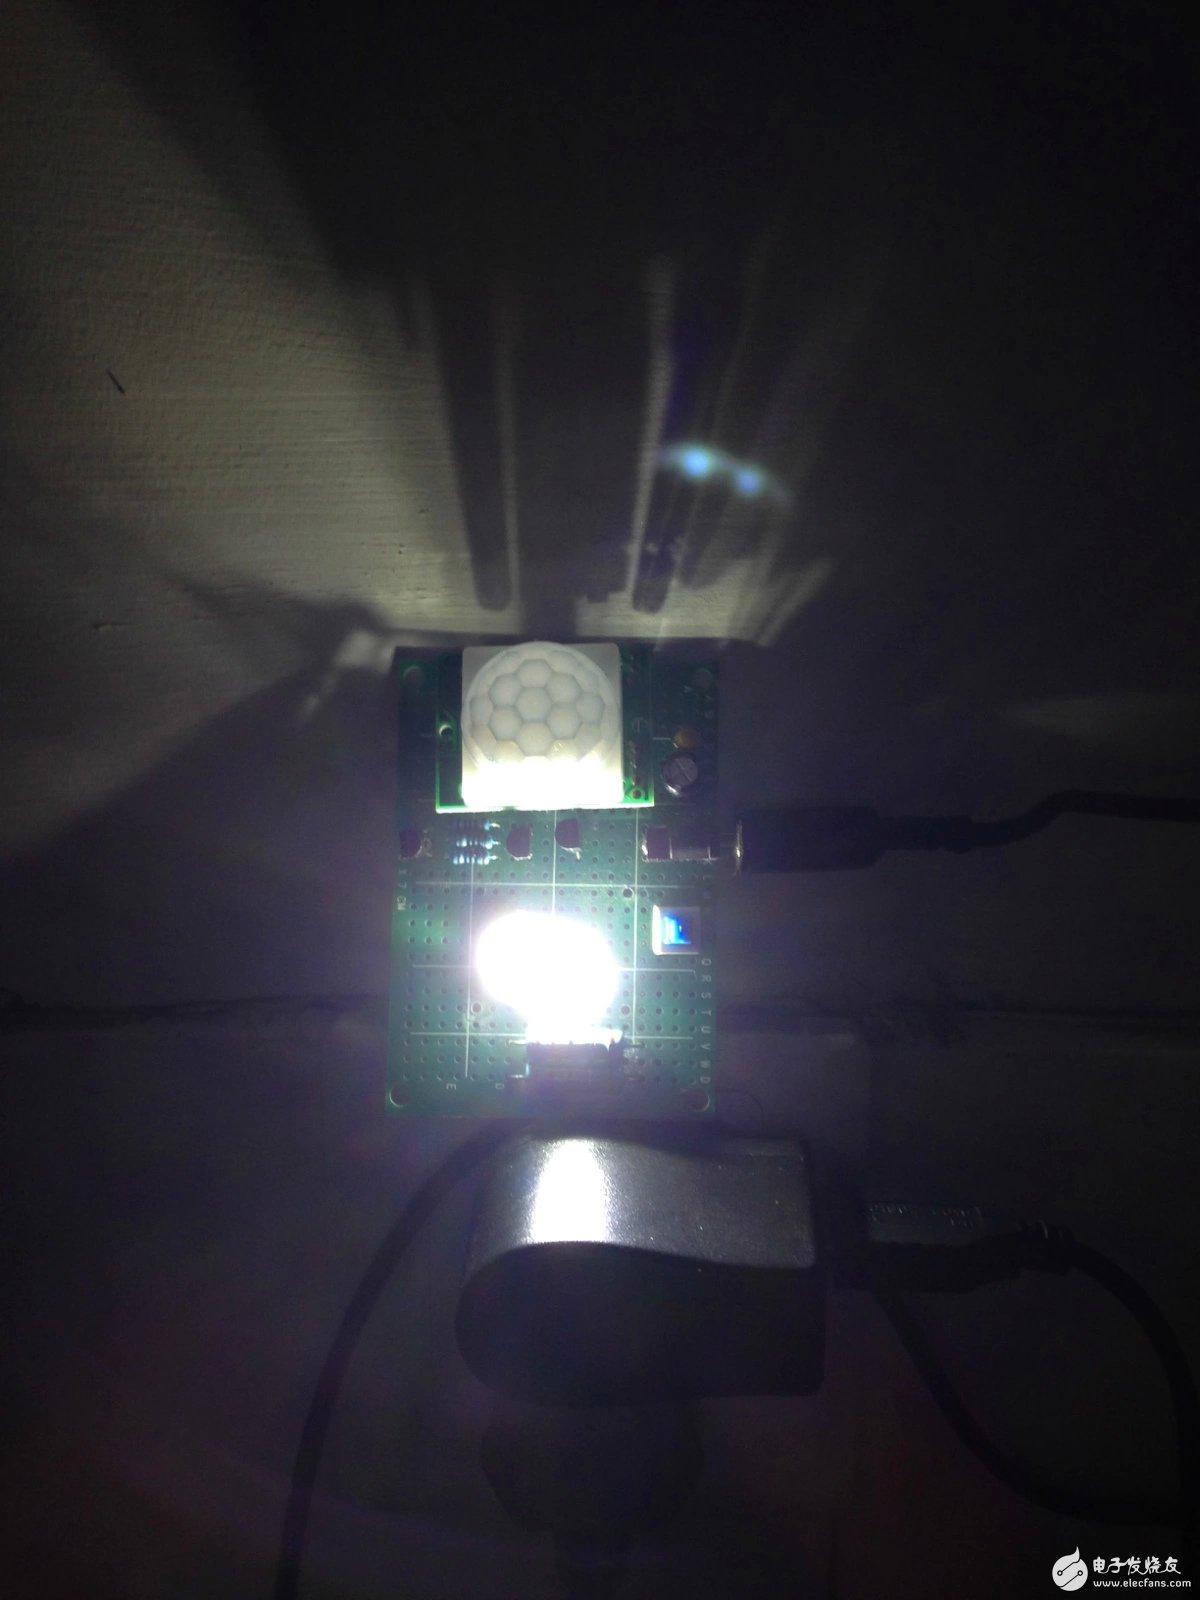 如何制作一个自制的人体感应小夜灯?